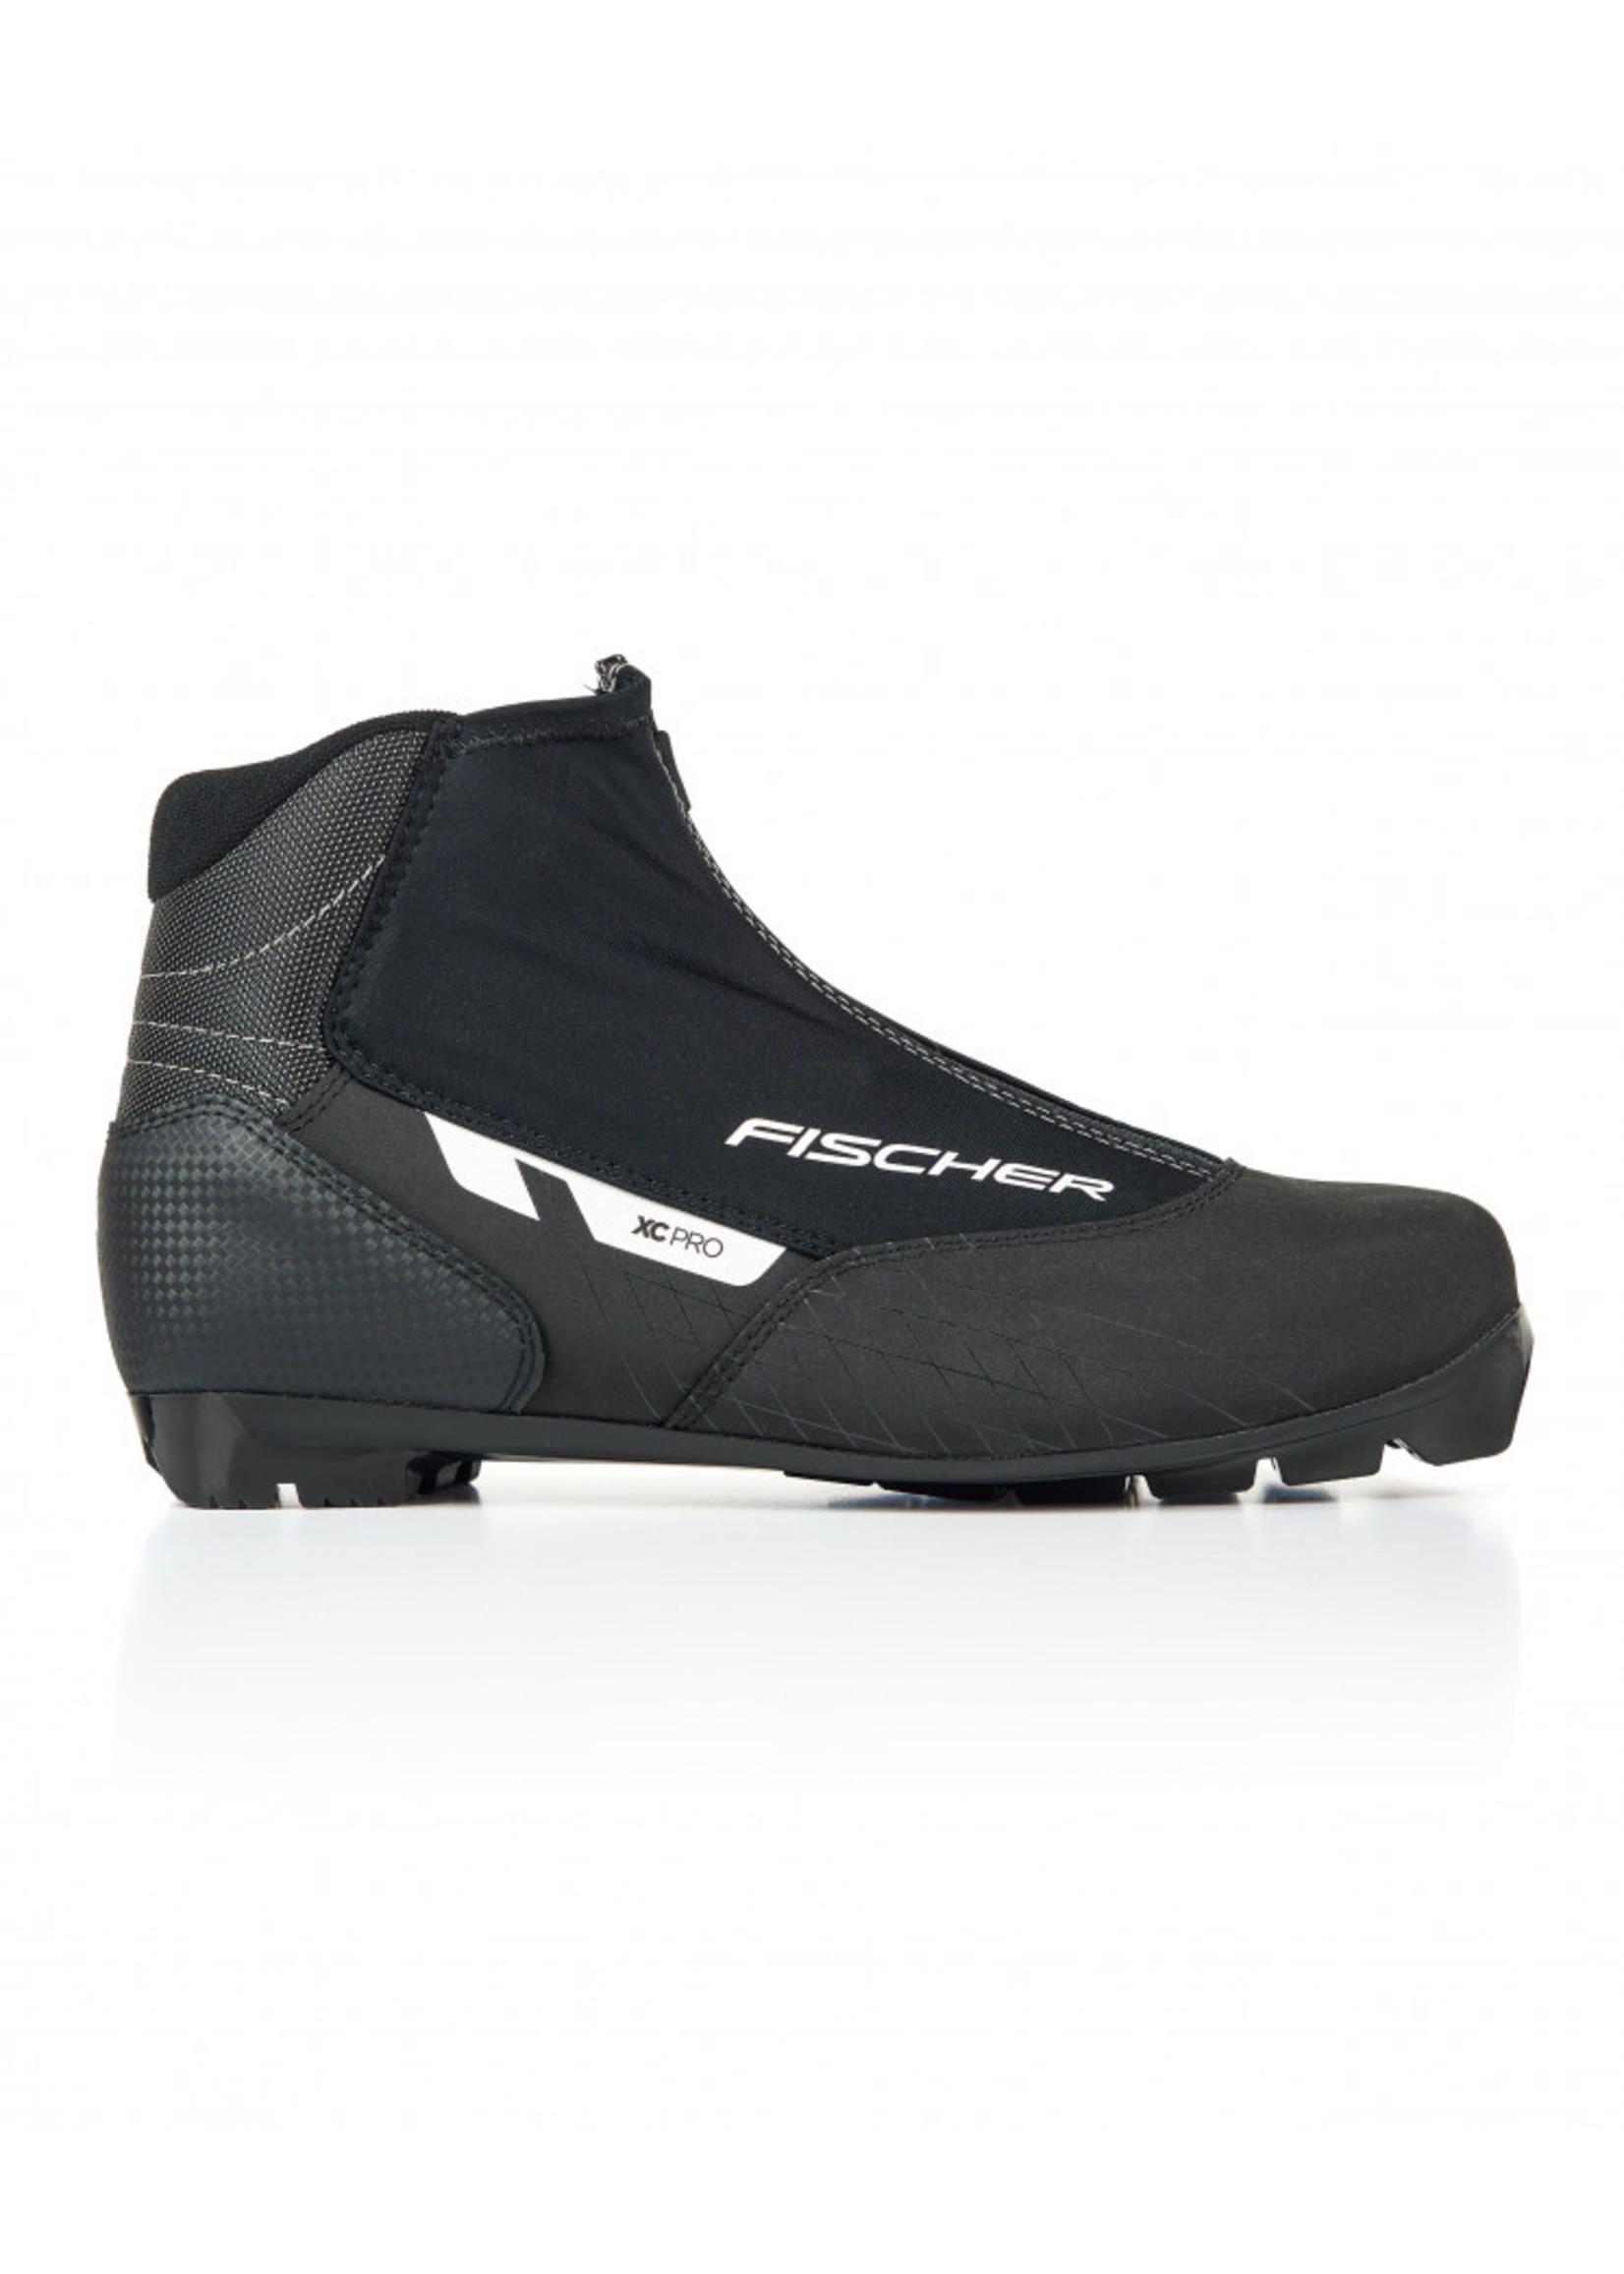 Fischer Fischer XC Pro Boot 21/22